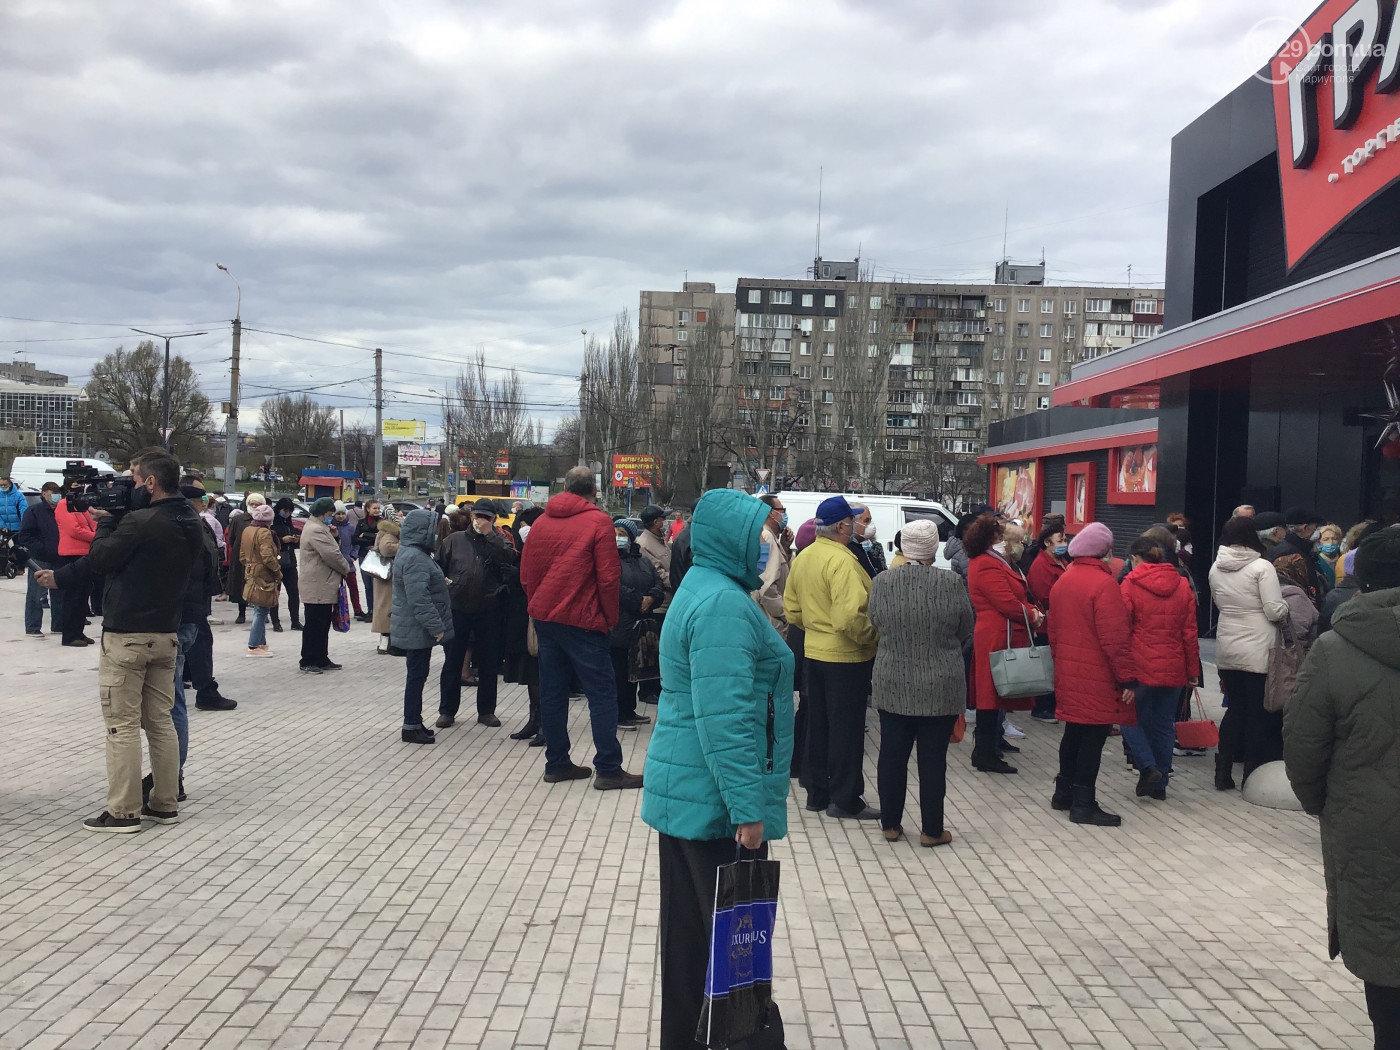 Маріупольці знехтували карантином й заради знижок штурмували супермаркет. ФОТО, фото-3, 0629.com.ua